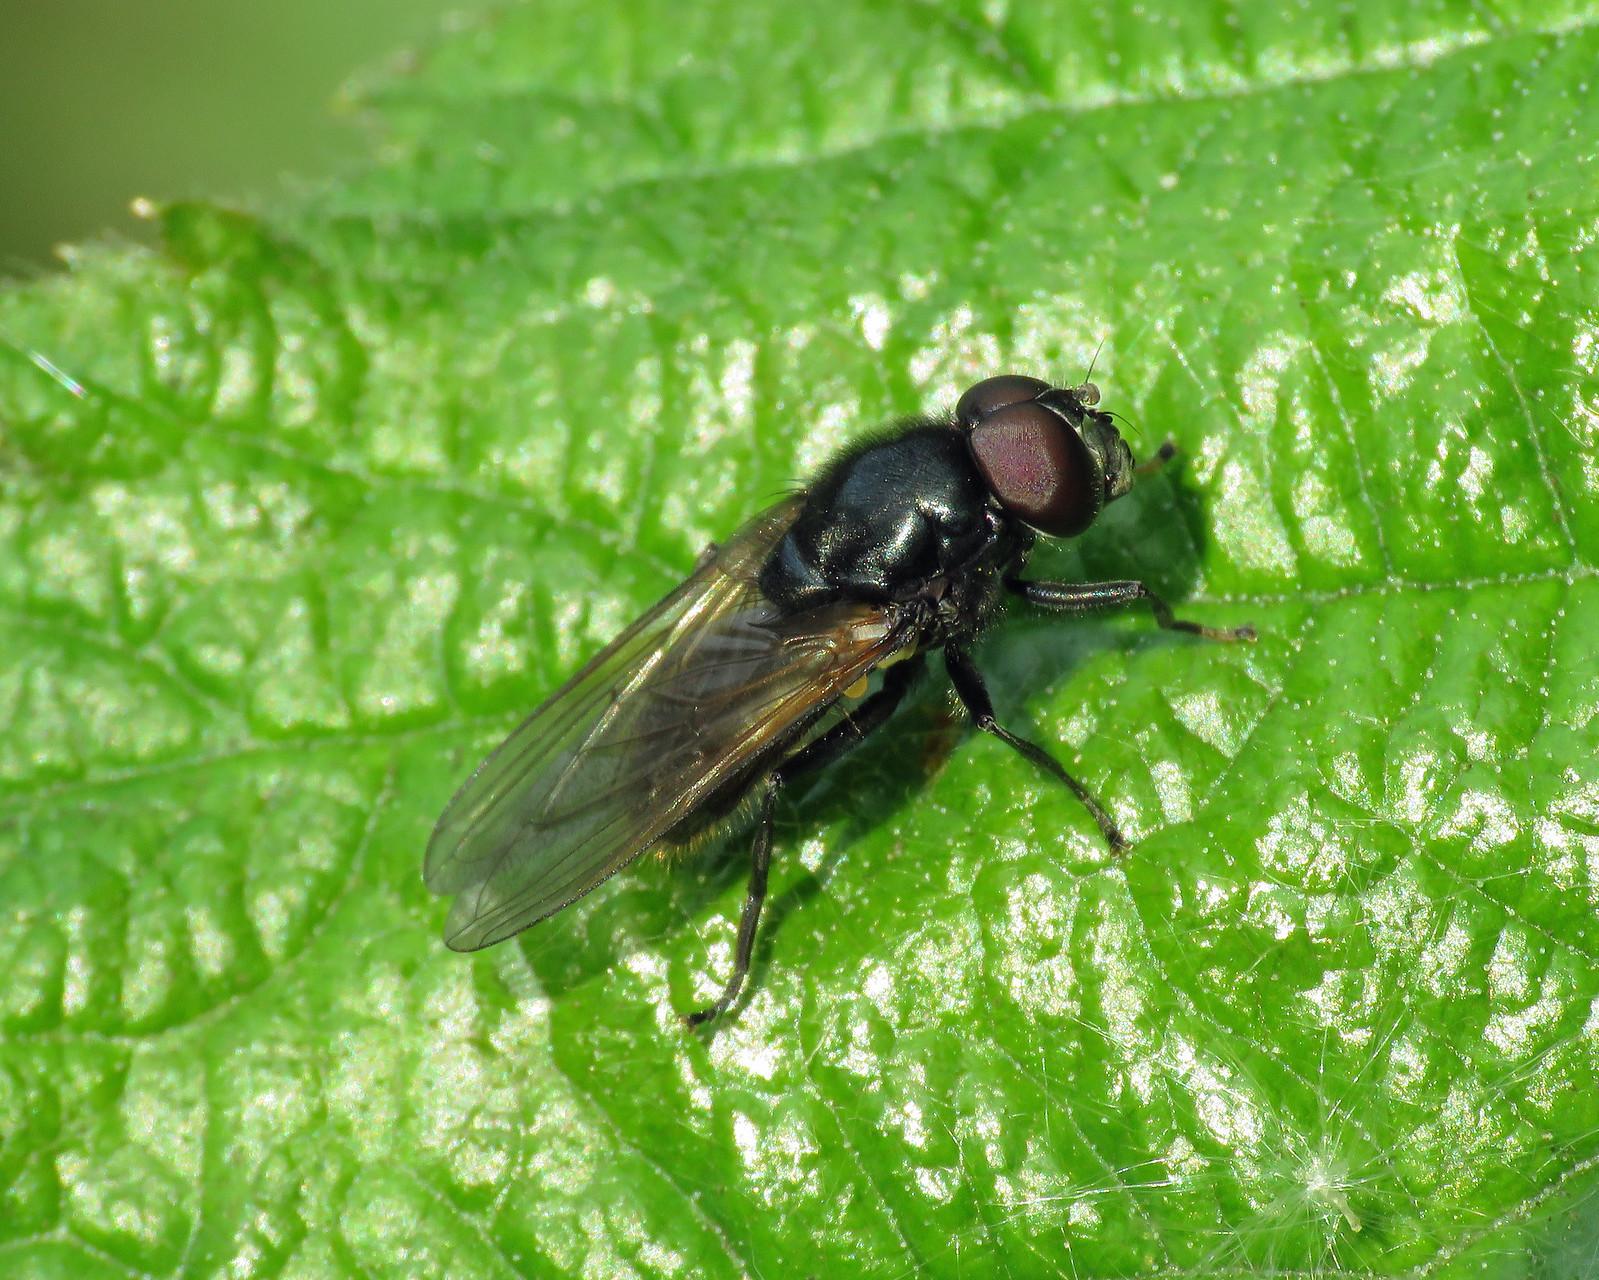 Cheilosia albitarsis sensu lato